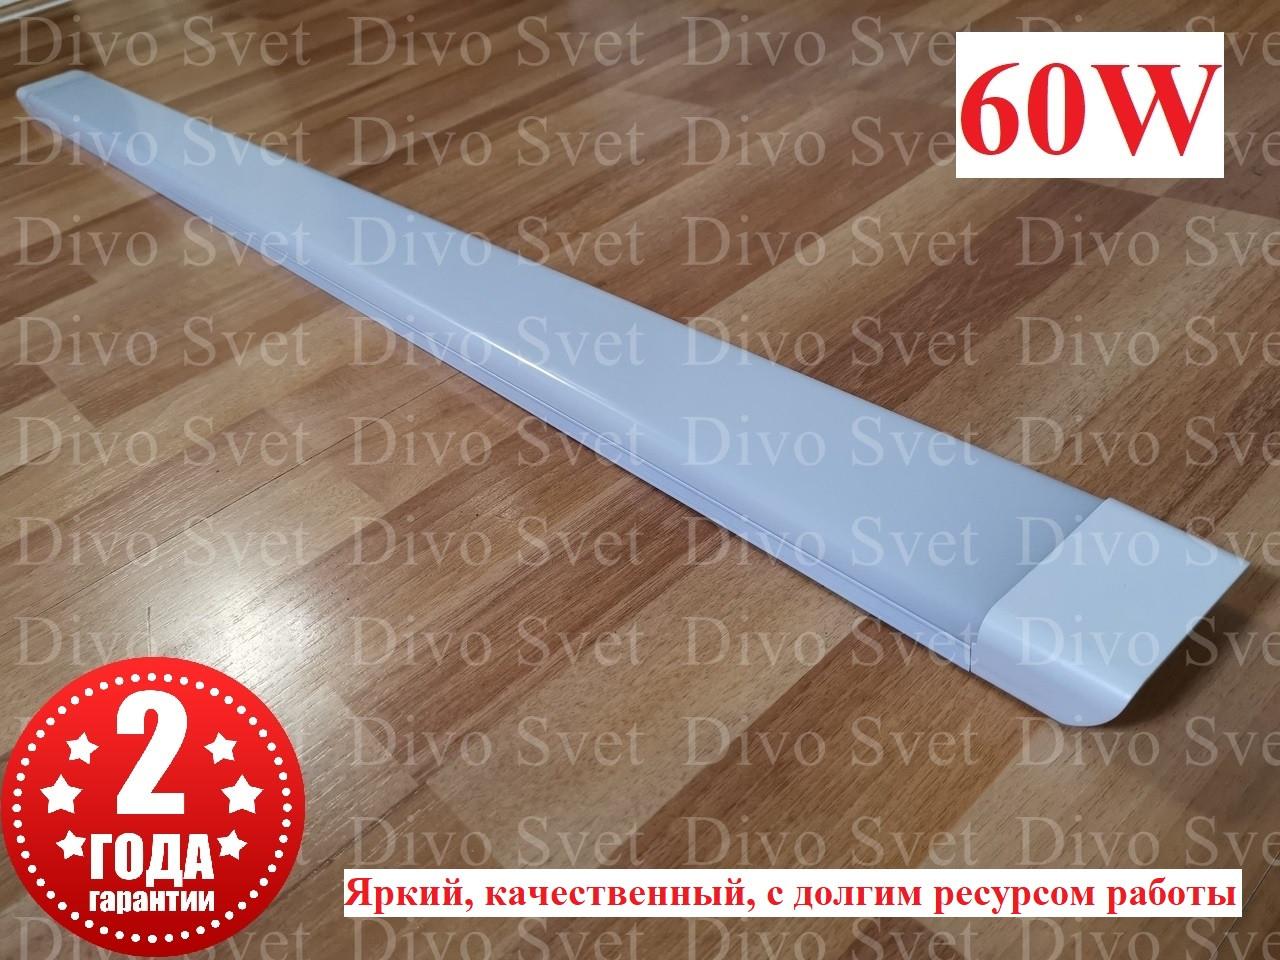 Светодиодный линейный светильник СПО-01 60W 1200мм 4000К, 6500К. Линейный офисный светильник накладной